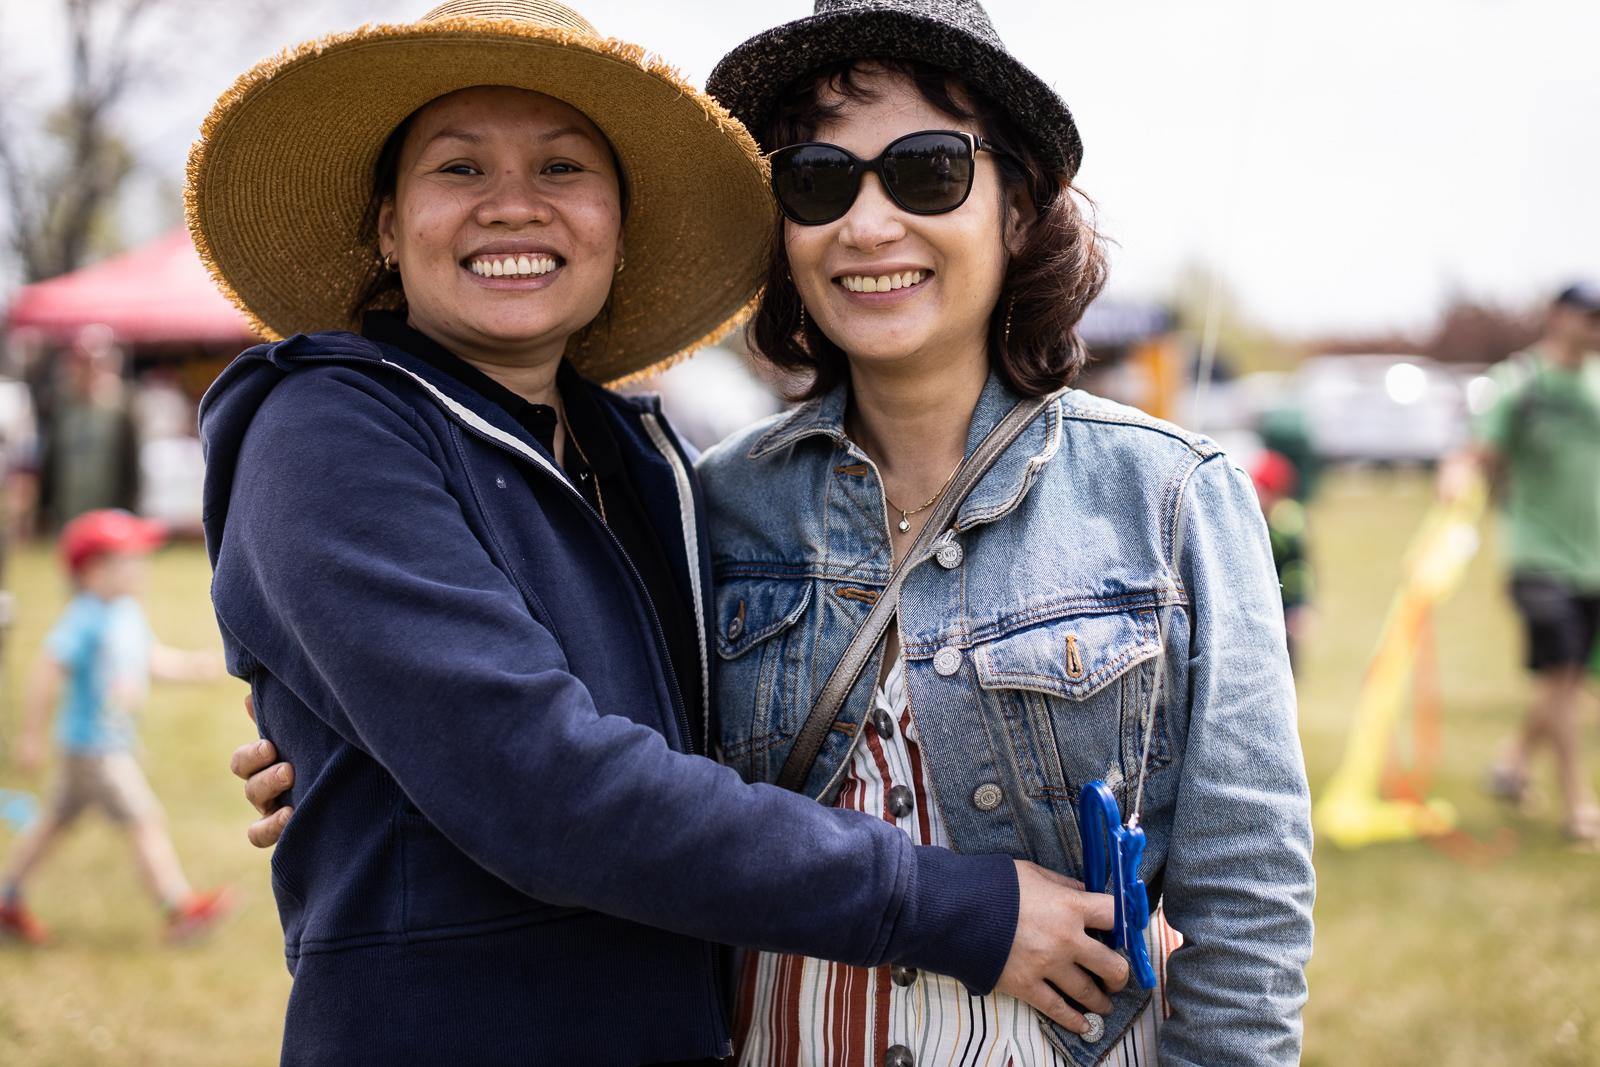 kite-festival-2019-blog-12.jpg